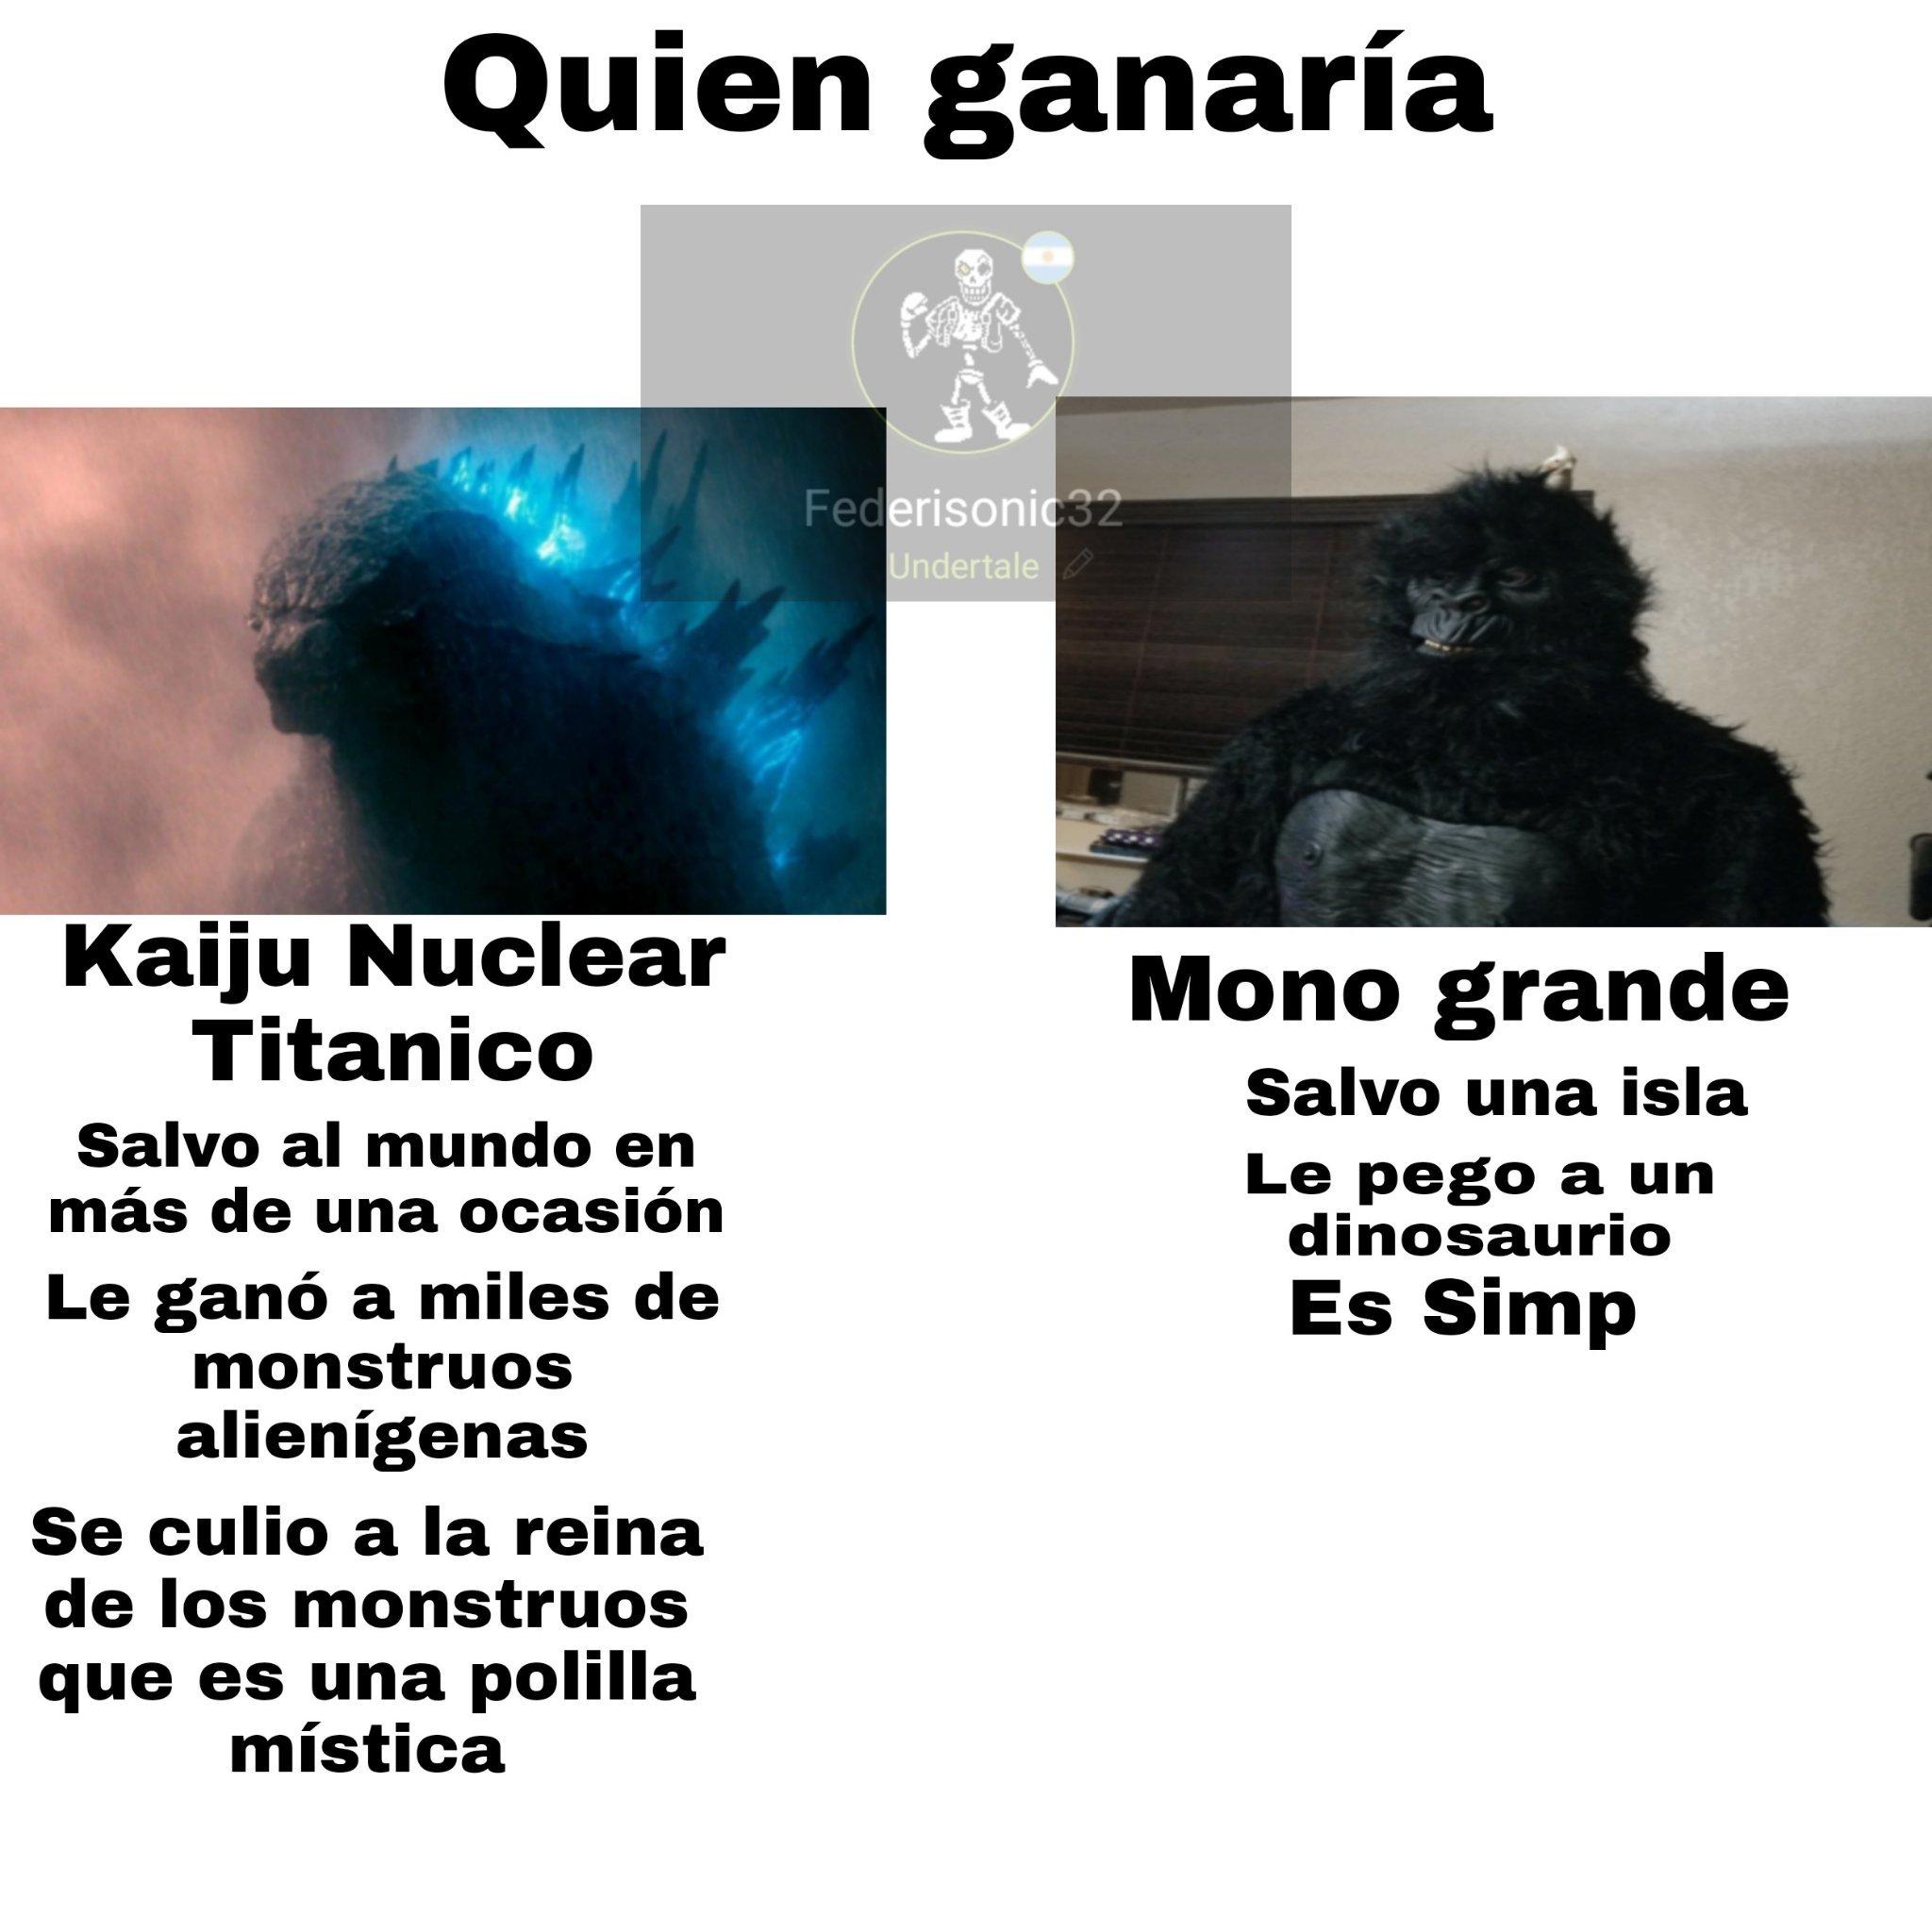 Mono grande xd - meme